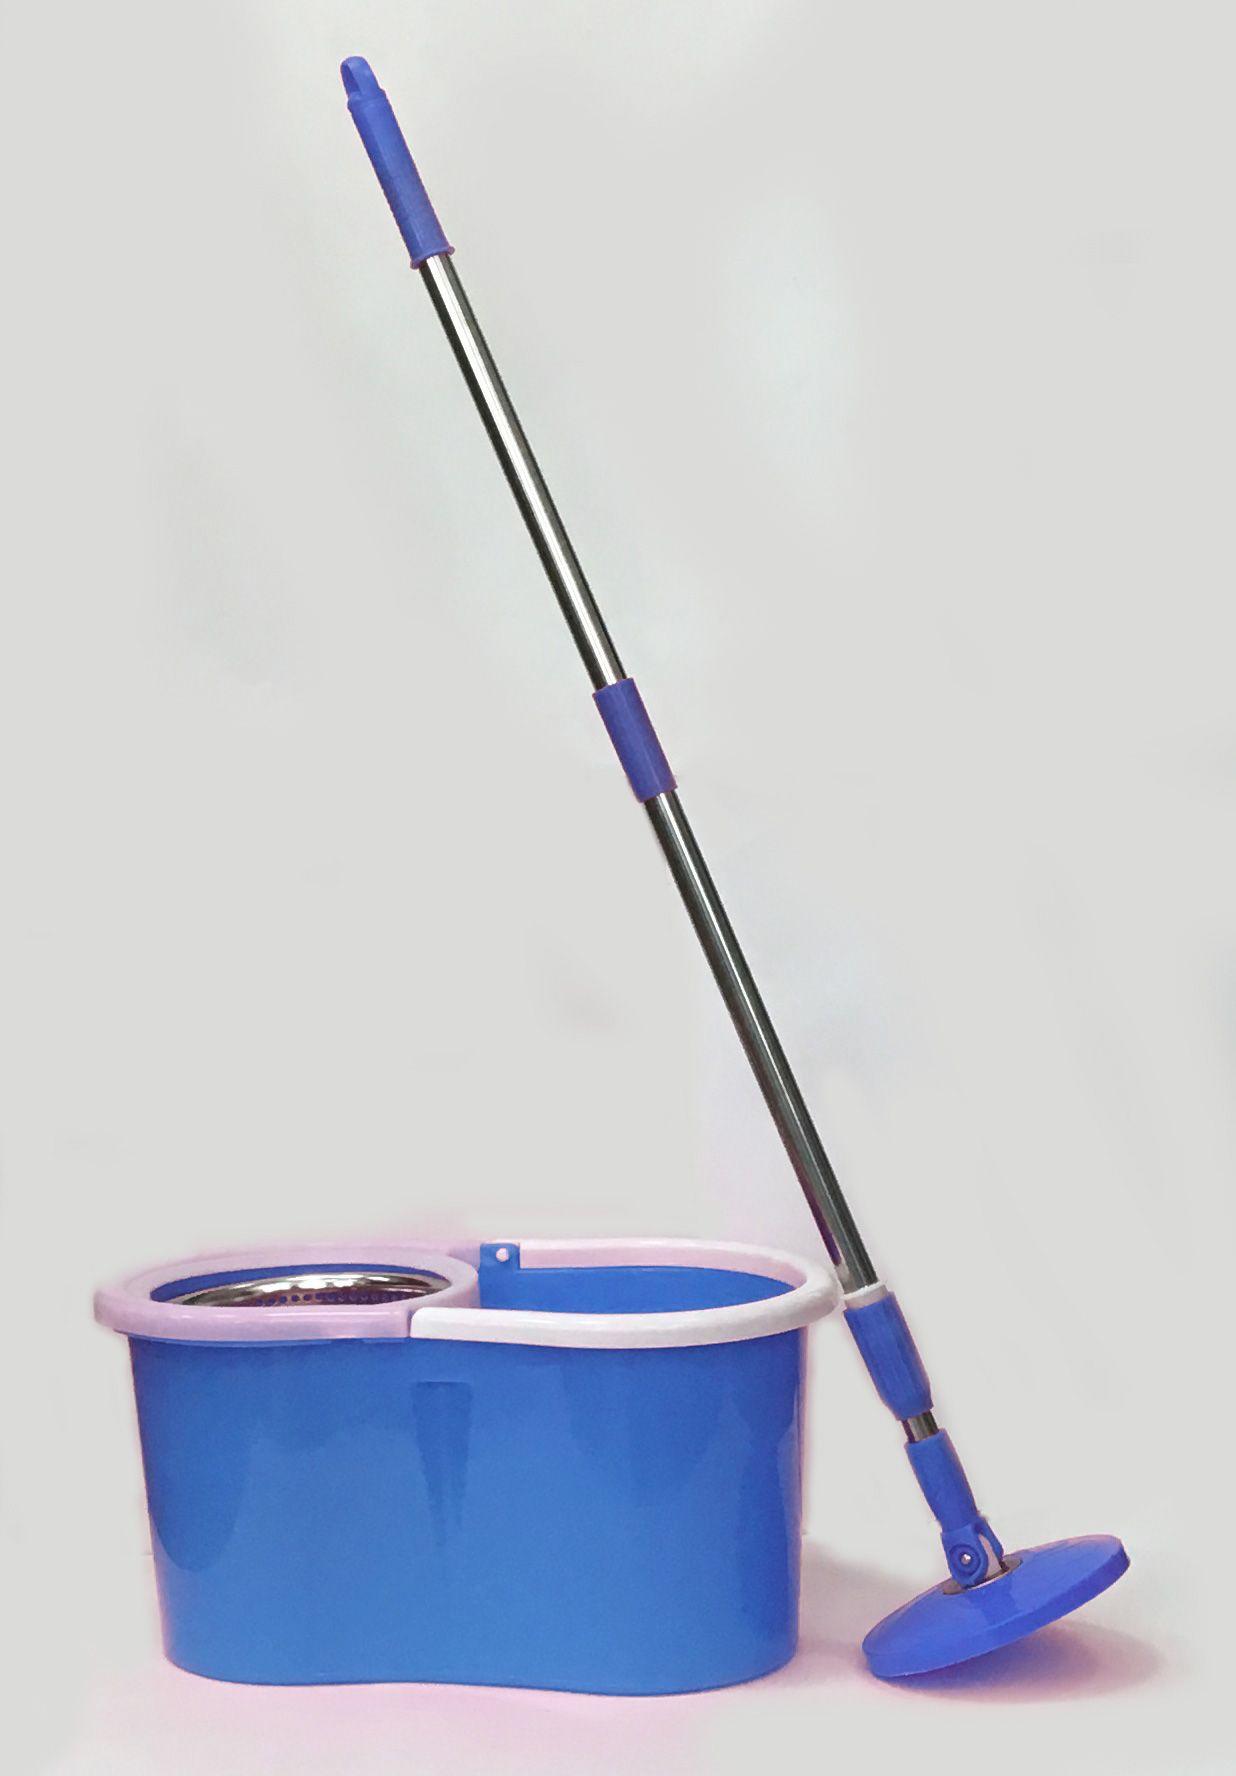 Универсальная швабра с  отжимом Спин энд Гоу 2 (Spin and Go 2, стальная центрифуга) цвет синийШвабры с отжимом<br> Универсальная швабра с отжимом Спин энд Гоу 2 (Spin and Go 2, стальная центрифуга) синяя<br><br> Как вы считаете, можно ли помыть пол у себя дома буквально за несколько минут, даже не запачкав руки? Конечно, можно, - если вы решите купить швабру с ведром и отжимом Спин энд Гоу 2. Это – чудо-приспособление, которое позволяет быстро и качественно помыть пол, кафельную плитку, стекла, кузов машины и другие плоскости без разводов и луж. Удобная раскладная рукоять, моющая часть из микрофибры на шарнире и ведро с отделением для отжима – все это швабра Spin and Go 2, самый популярный на отечественном рынке и недорогой девайс для поддержания порядка в вашем доме.<br><br><br>  Смотрите также - Другие модели швабр с отжимом<br><br>Легкая и непринужденная уборка – это возможно!<br><br> Теперь вам не нужно кланяться немытому полу, окунать руки по локоть в грязную воду и браться за половую тряпку. Все самые неприятные действия за вас выполнит универсальная швабра для мытья пола с отжимом Spin and Go 2:<br><br>  <br><br>Легкую рукоять можно настроить под свой рост или под определенные работы.<br>Круглая насадка из практичной микрофибры сделает уборку максимально эффективной – этот современный чудо-материал моментально впитывает воду, удаляет любые загрязнения, даже если вы будете мыть пол простой водой, без моющих веществ.<br>После уборки вы просто отстегиваете насадку, стираете ее в стиральной машине и сушите. После этих нехитрых манипуляций ваша швабра снова станет выглядеть, как только что из магазина!<br>Ведро со специальным отсеком для отжима – практичное и действенное усовершенствование. Вы самостоятельно регулируете интенсивность отжима микрофибры – от влажной до почти сухой. И никакого вреда вашим ладоням и ногтям! <br>Кроме того, конструкция швабры для мытья пола с отжимом Spin and Go 2 обеспечит вам доступ к углам и пола под мебелью.<br><br><br> Хозяюшки, к